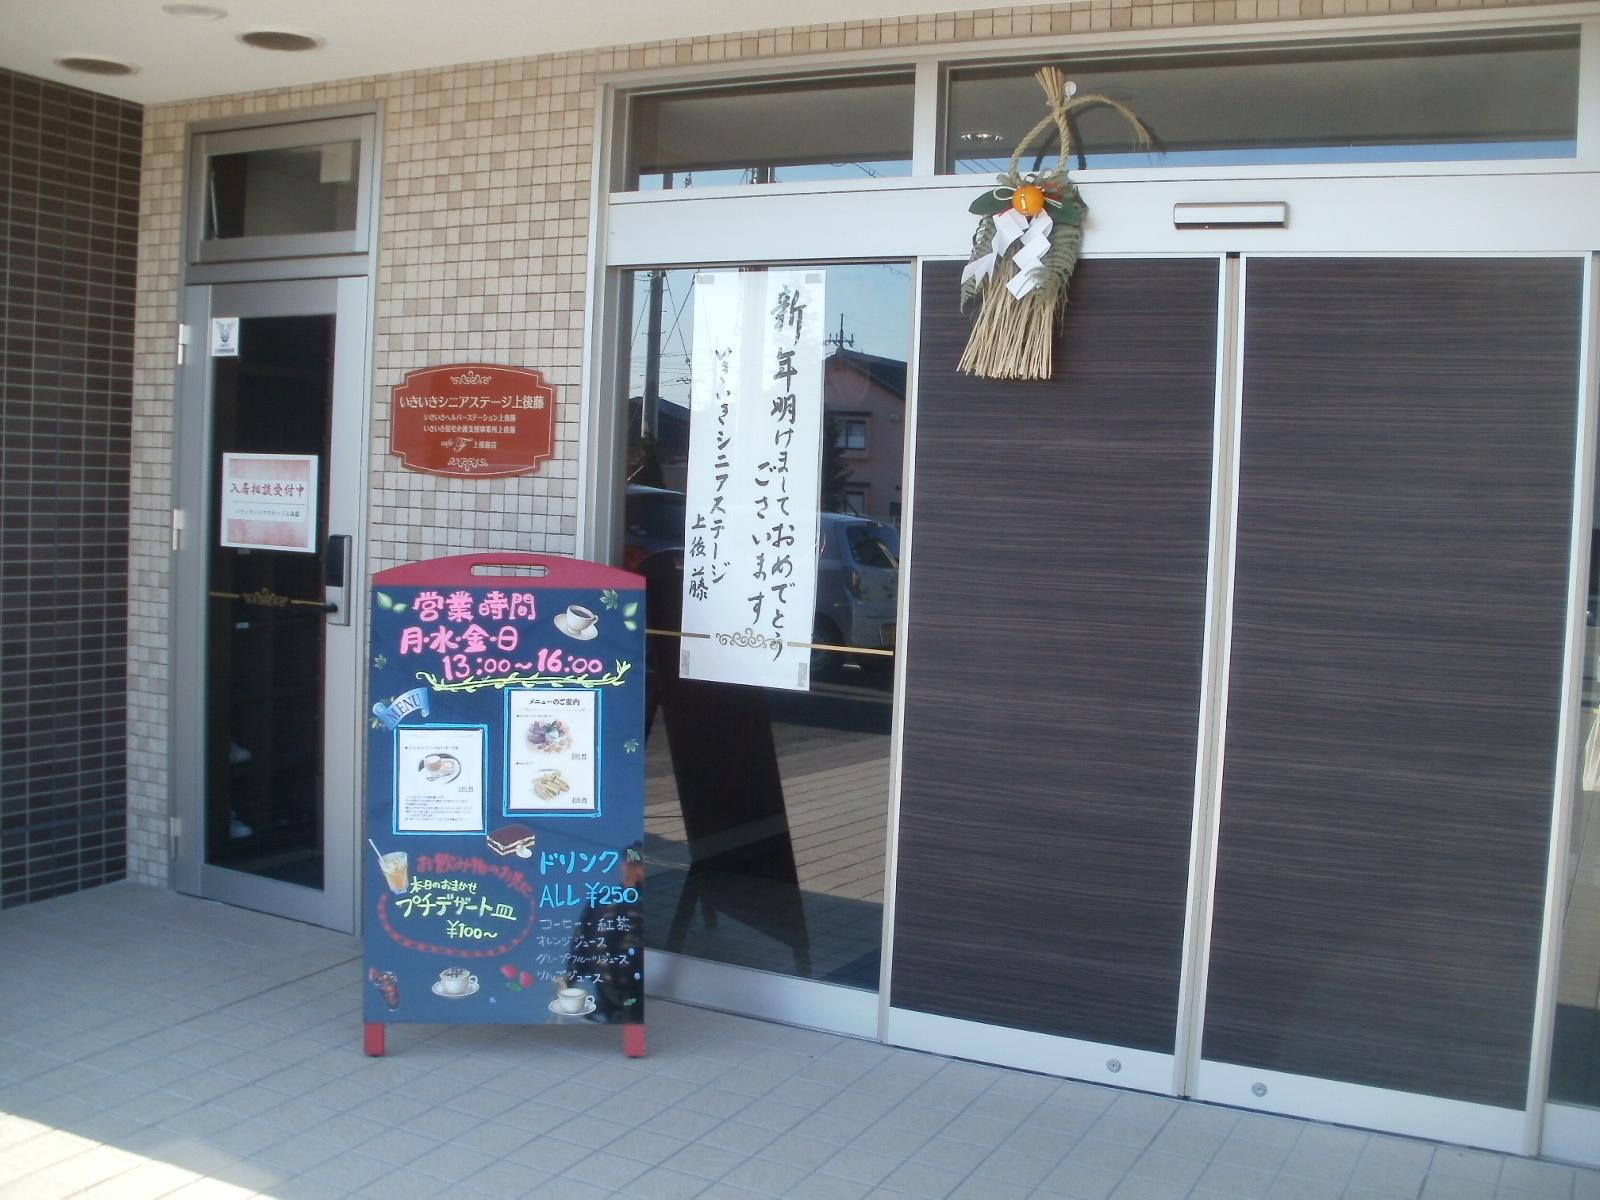 Cafe f 上後藤店